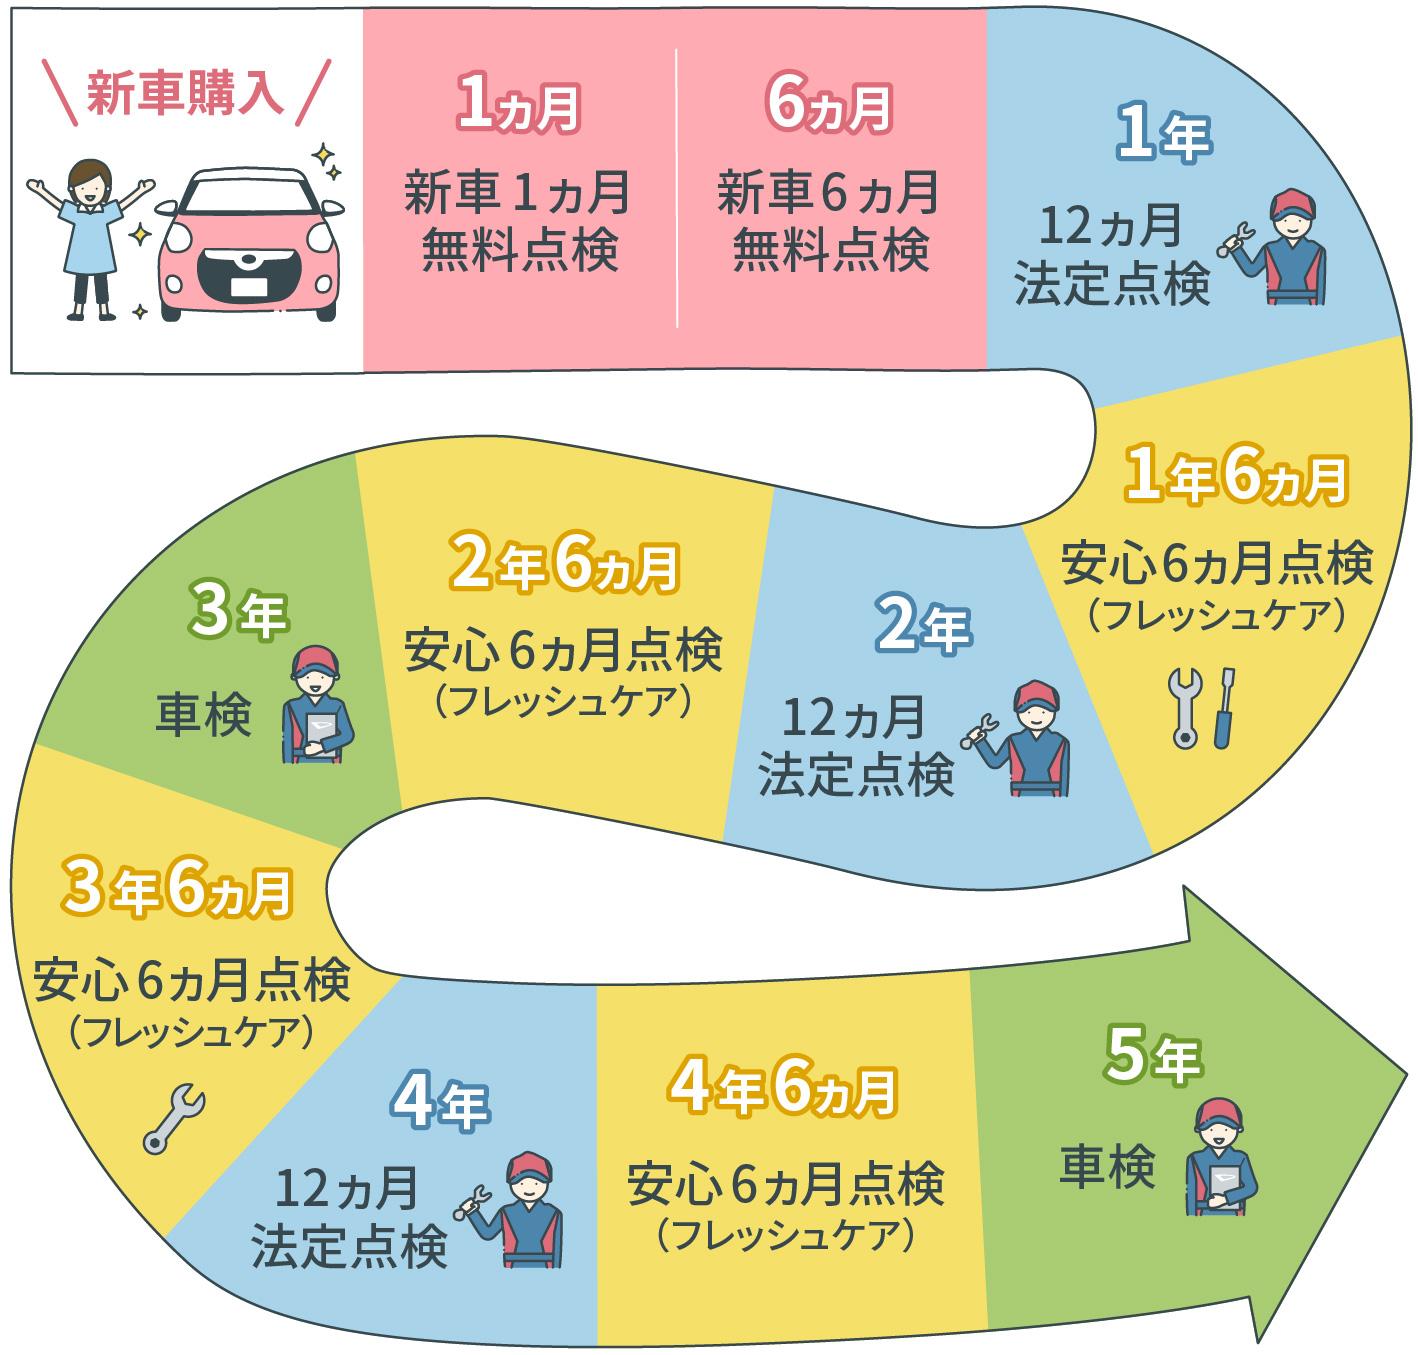 費用 点検 12 法定 ヶ月 BMW法定1年点検費用(料金)定期点検のディーラー価格と予約、代車について!